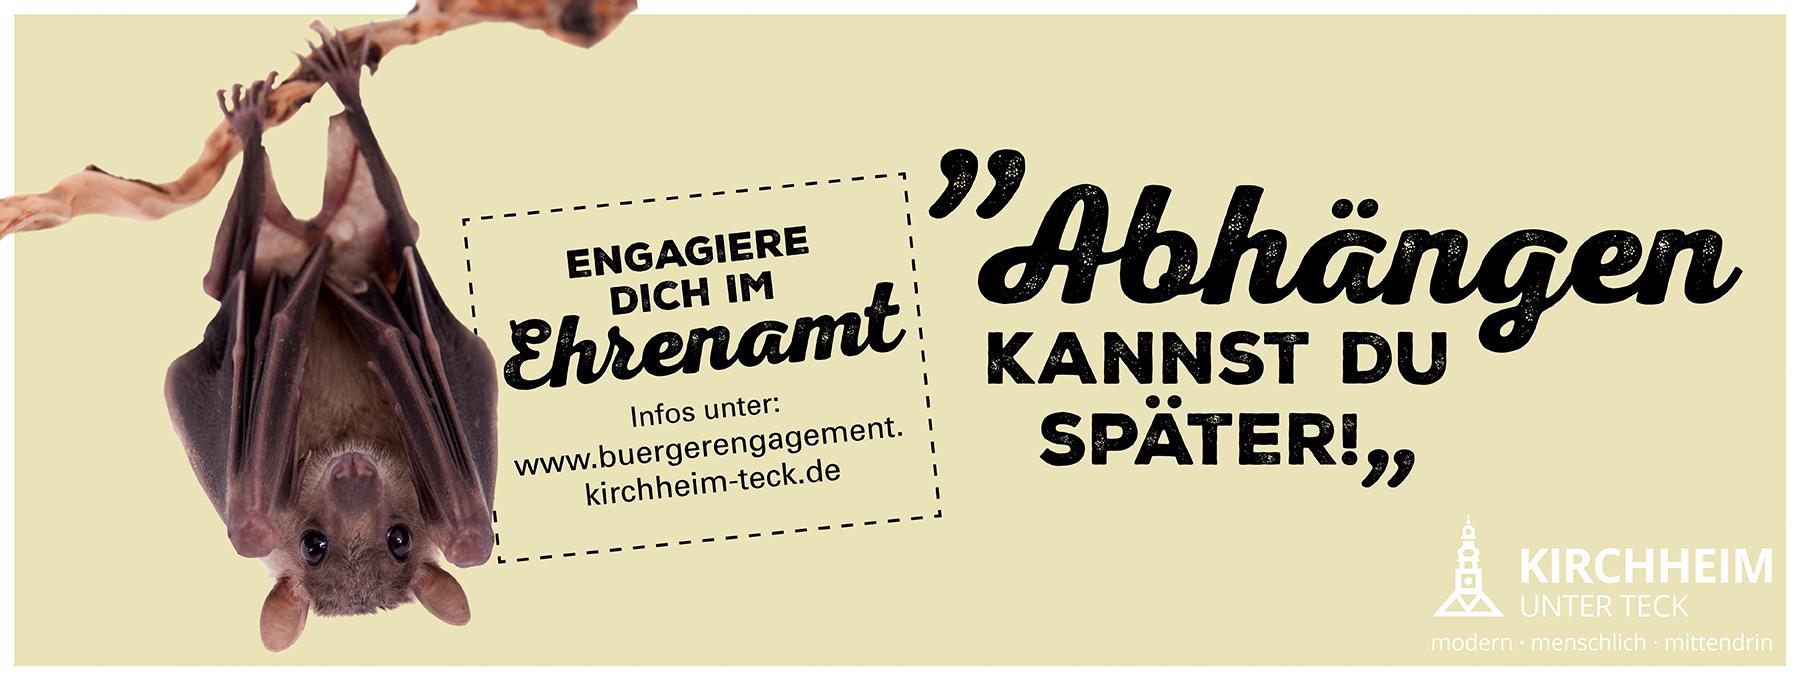 """Fledermaus hängt an Ast und Text """"Abhängen kannst du später!"""", Kampagne Engagement im Ehrenamt"""